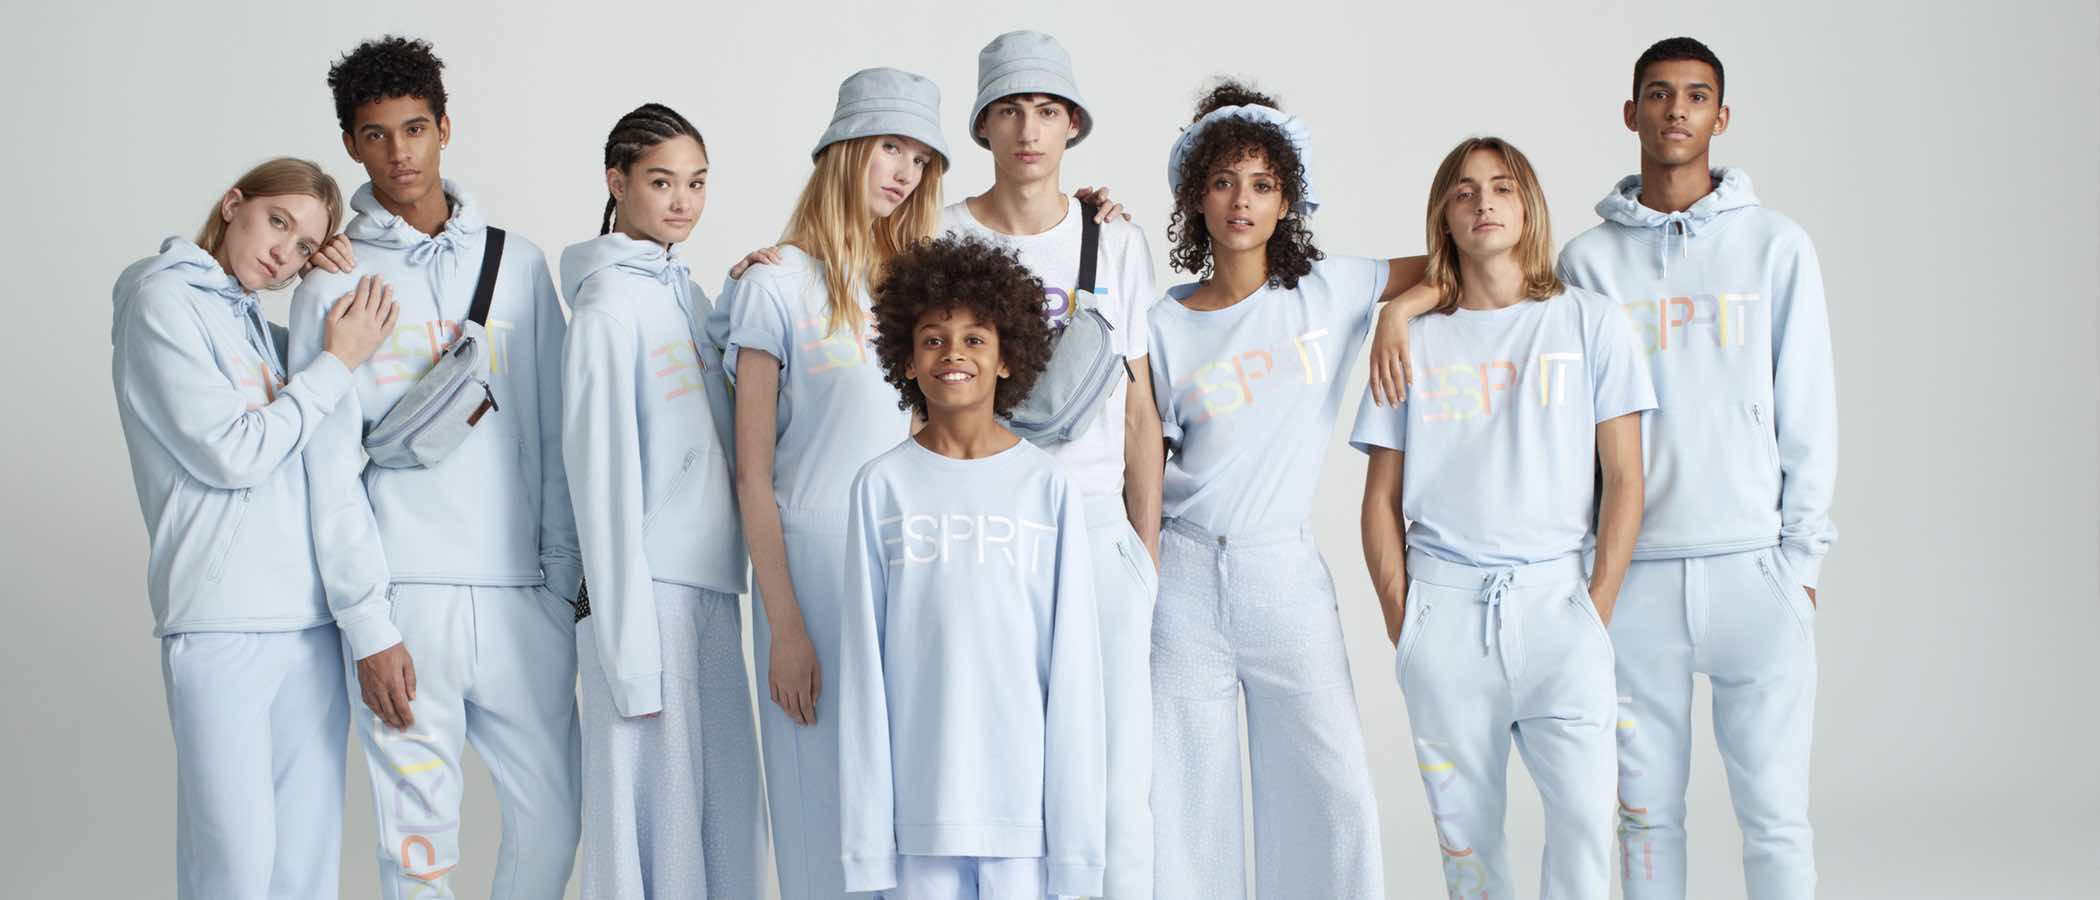 El estilo navy impera en la colección Esprit by Opening Ceremony de esta primavera 2017